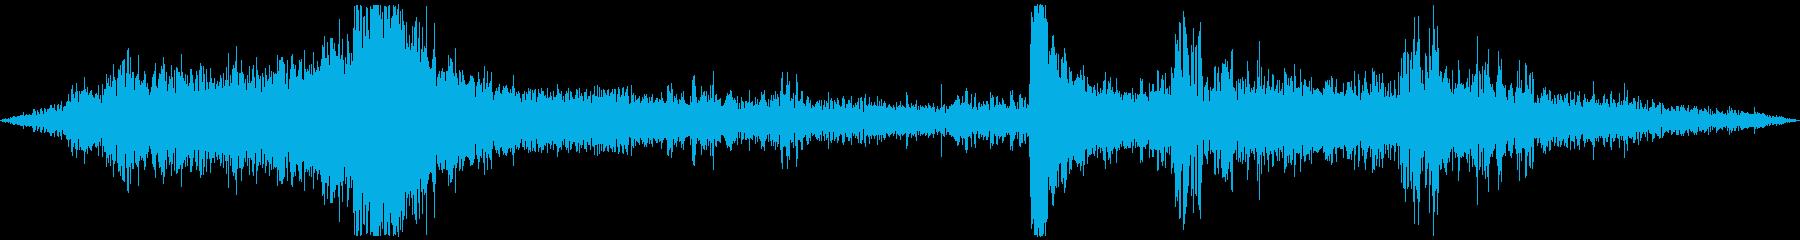 交差点の音 車・信号・雑踏等 その1の再生済みの波形